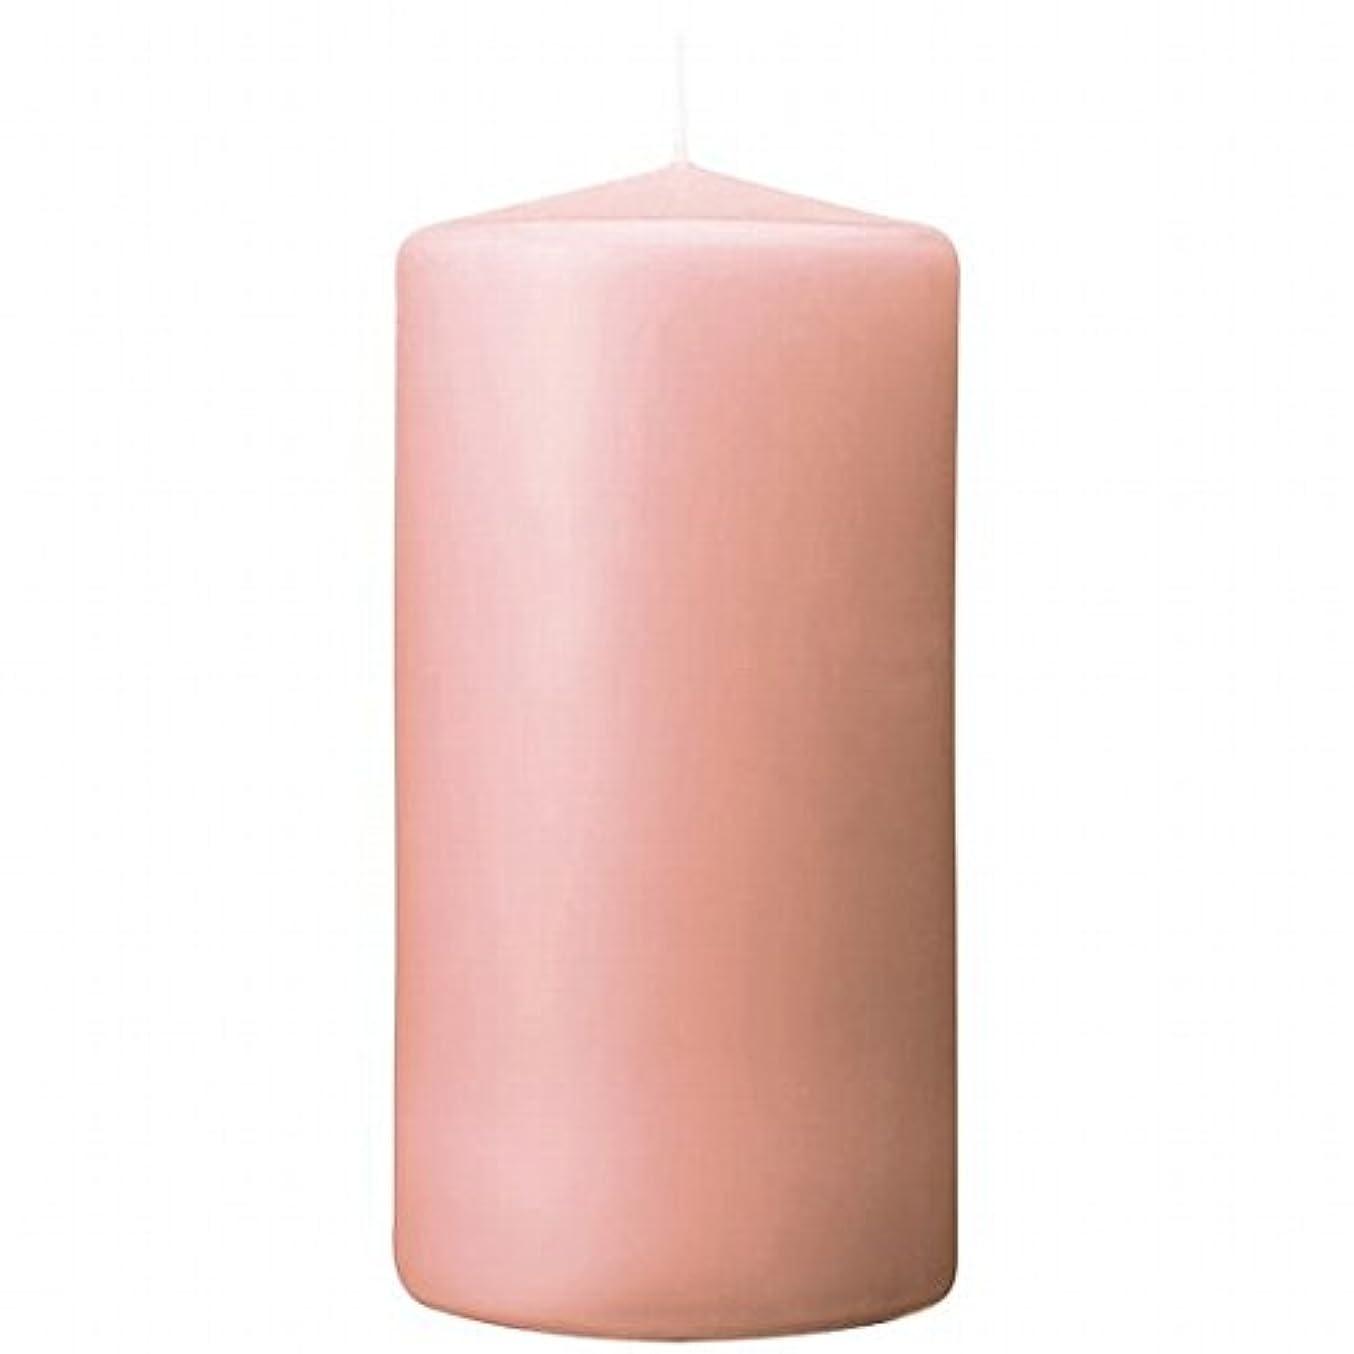 嫌い起きるに同意するカメヤマキャンドル(kameyama candle) 3×6ベルトップピラーキャンドル 「 ピーチアンバ 」